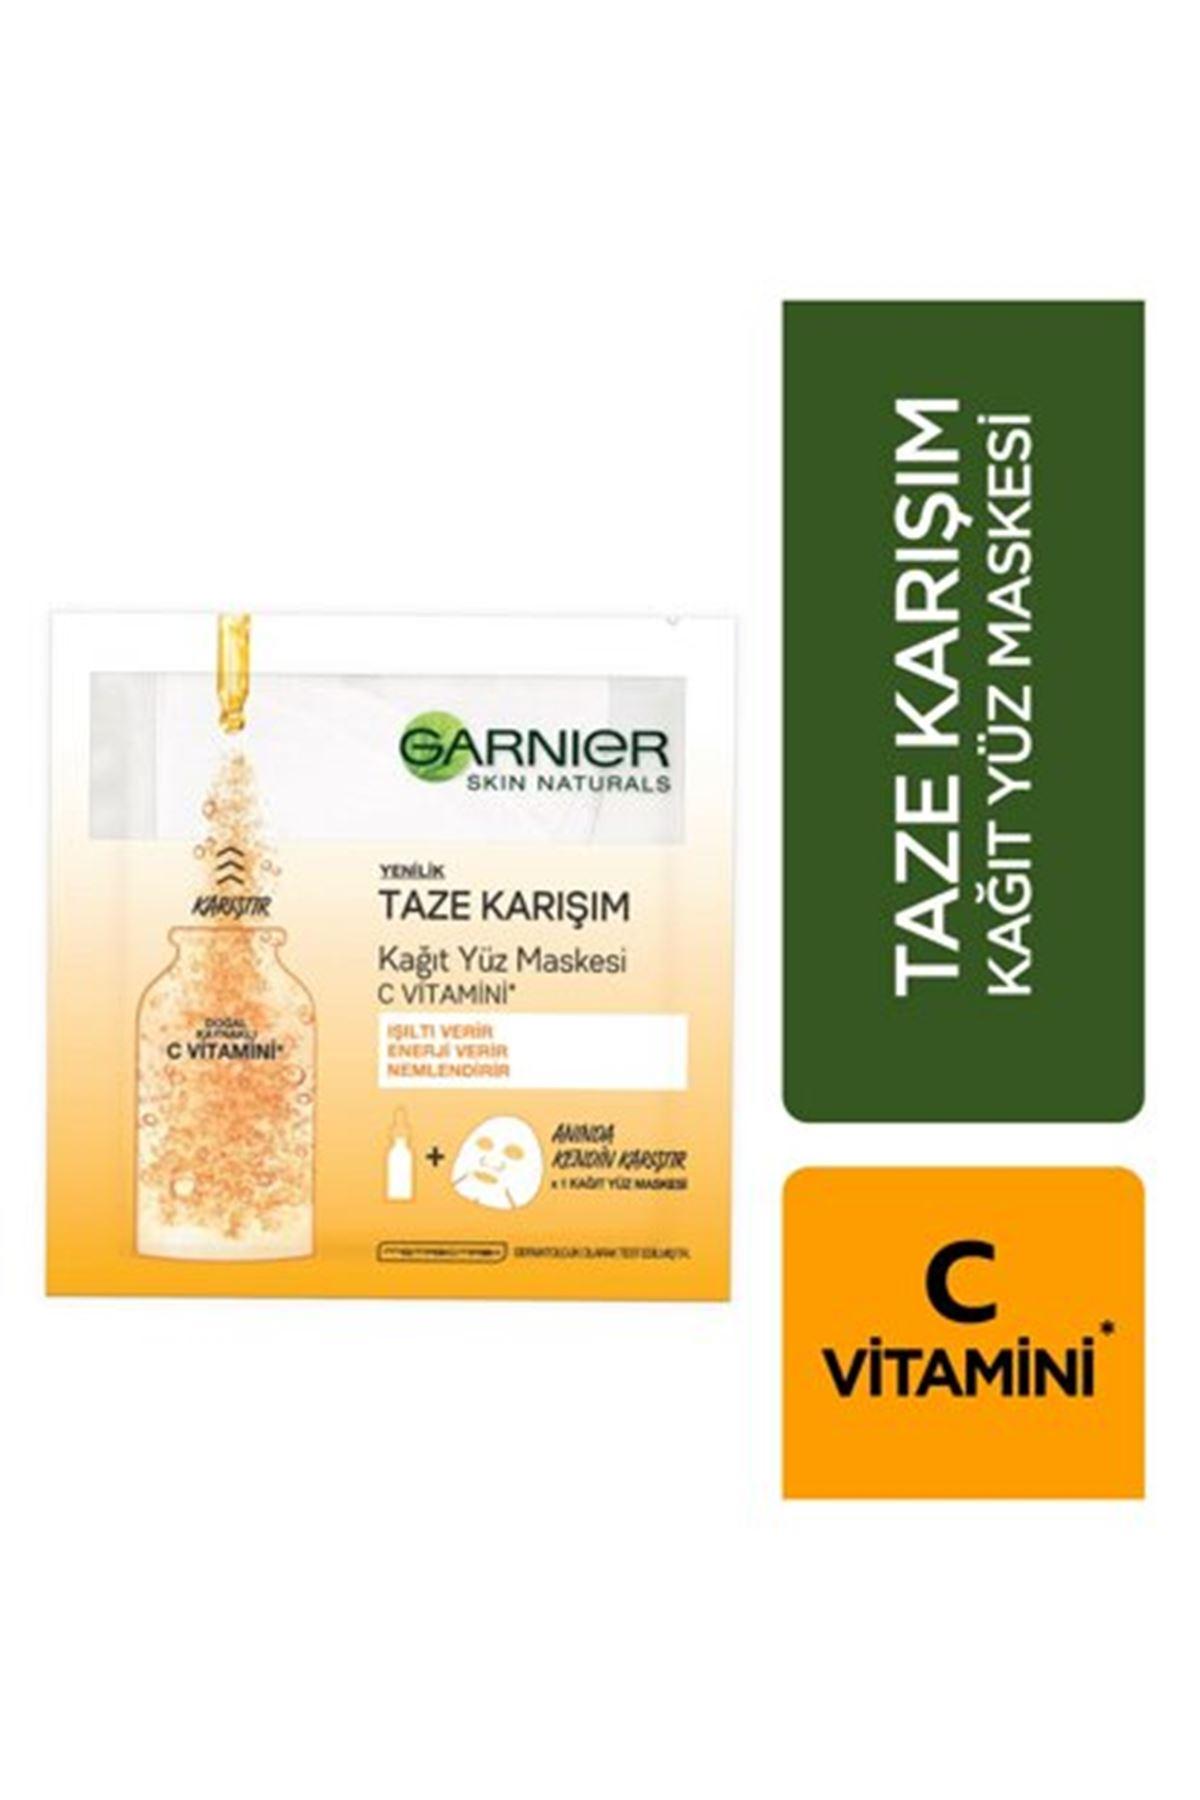 Garnier Taze Karışım C Vitamini Kağıt Yüz Maskesi